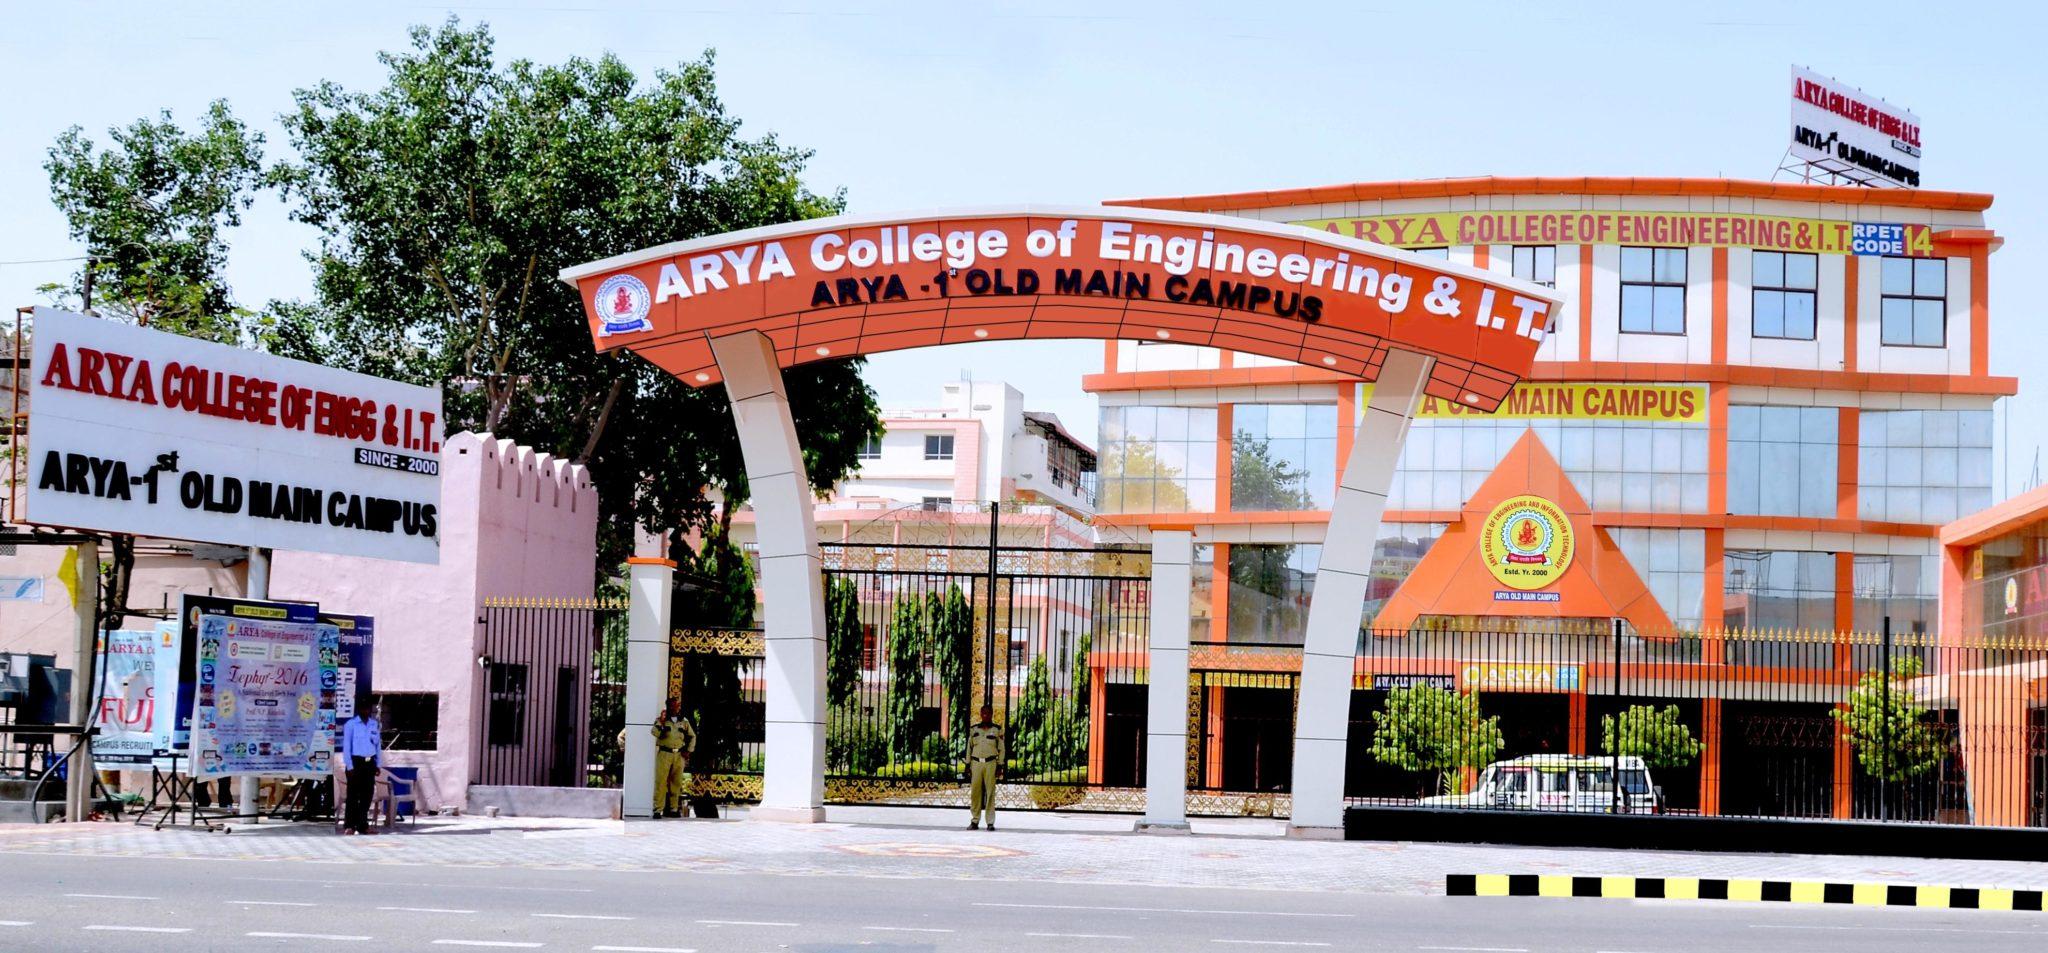 Arya Ist Old Main Campus Kukas Jaipur Rajasthan